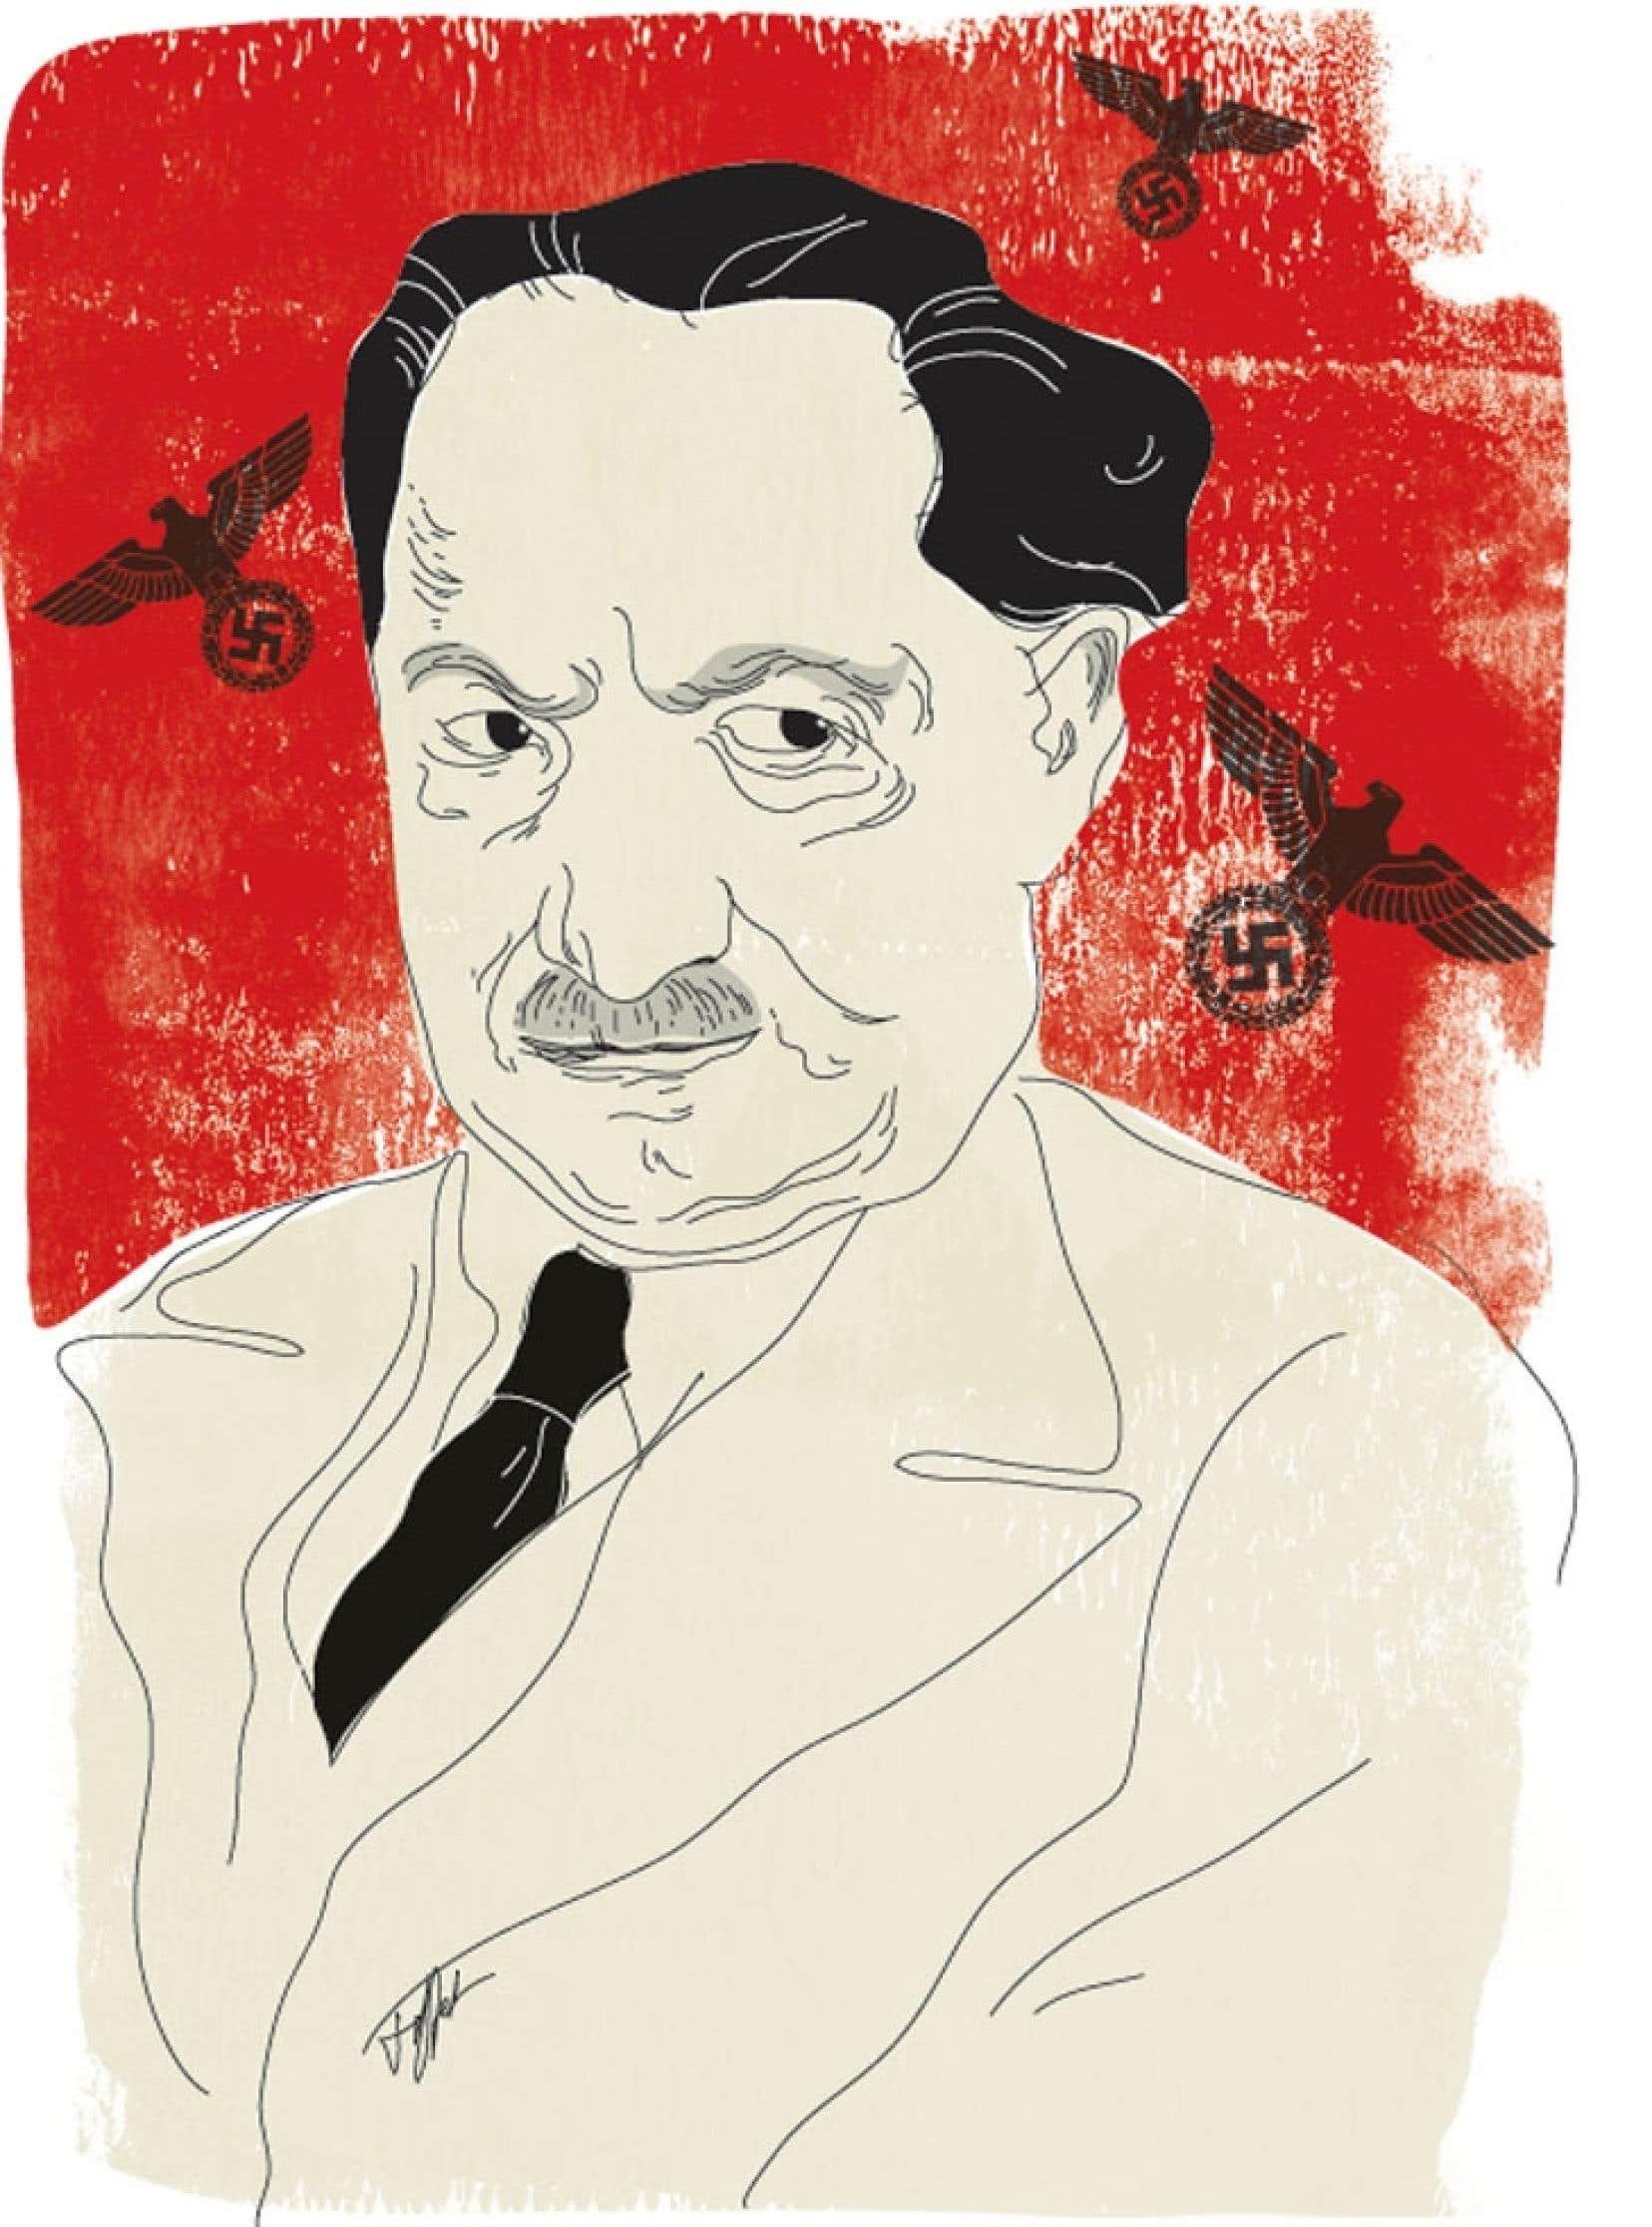 Être et temps, publié en 1927, constitue un projet critique de la Modernité (la période qui s'étend de 1500 à 1900). Avec un ton alarmiste, Heidegger soutient que la philosophie depuis les Grecs connaît un long déclin, au point où nous avons perdu le sens de l'être et du Dasein, l'« être là », bref l'existence.